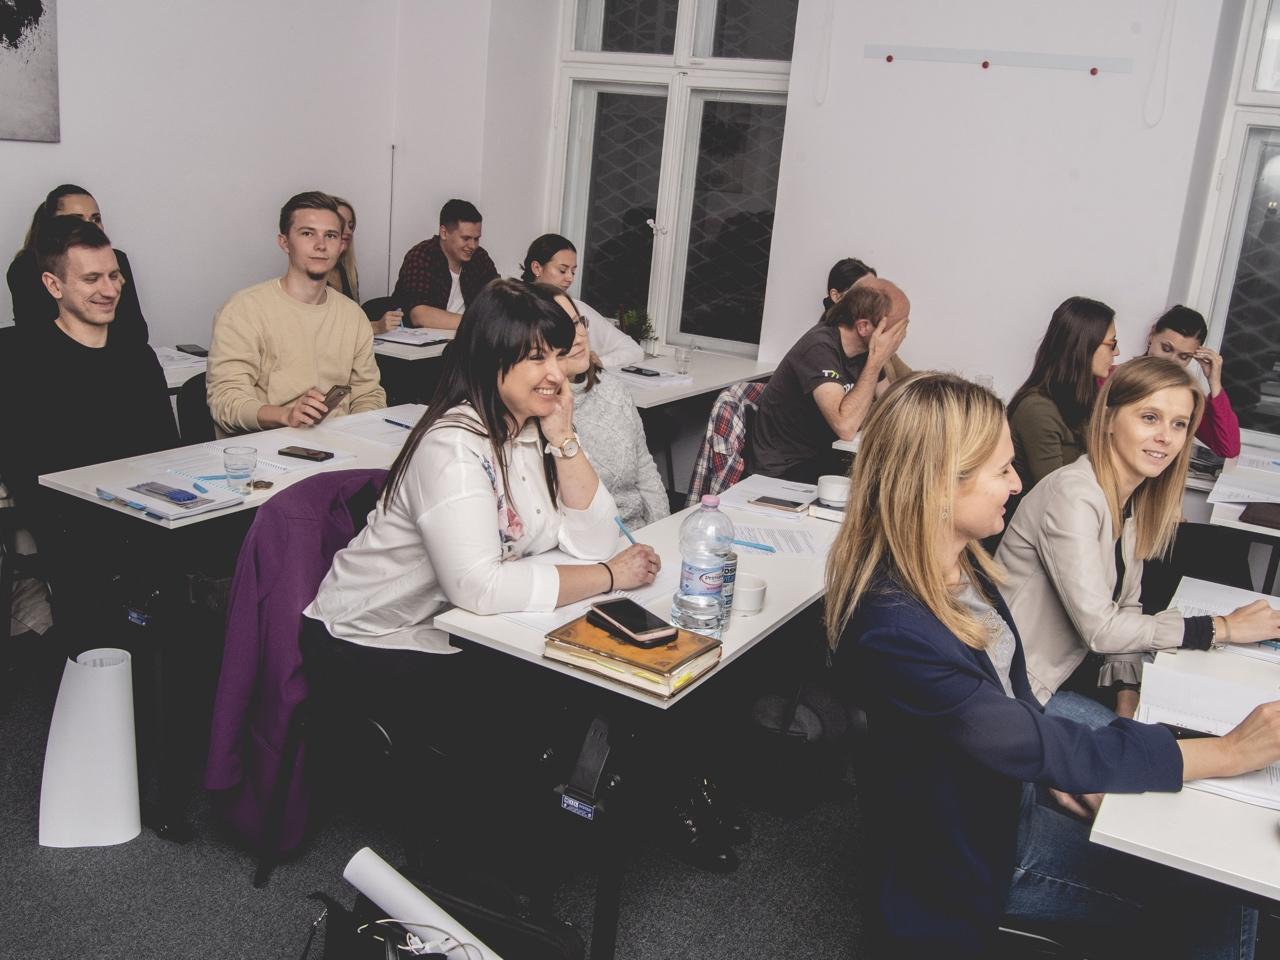 Szkolenie Event Manager – planowanie, organizacja i zarządzanie projektem eventowym EMTG